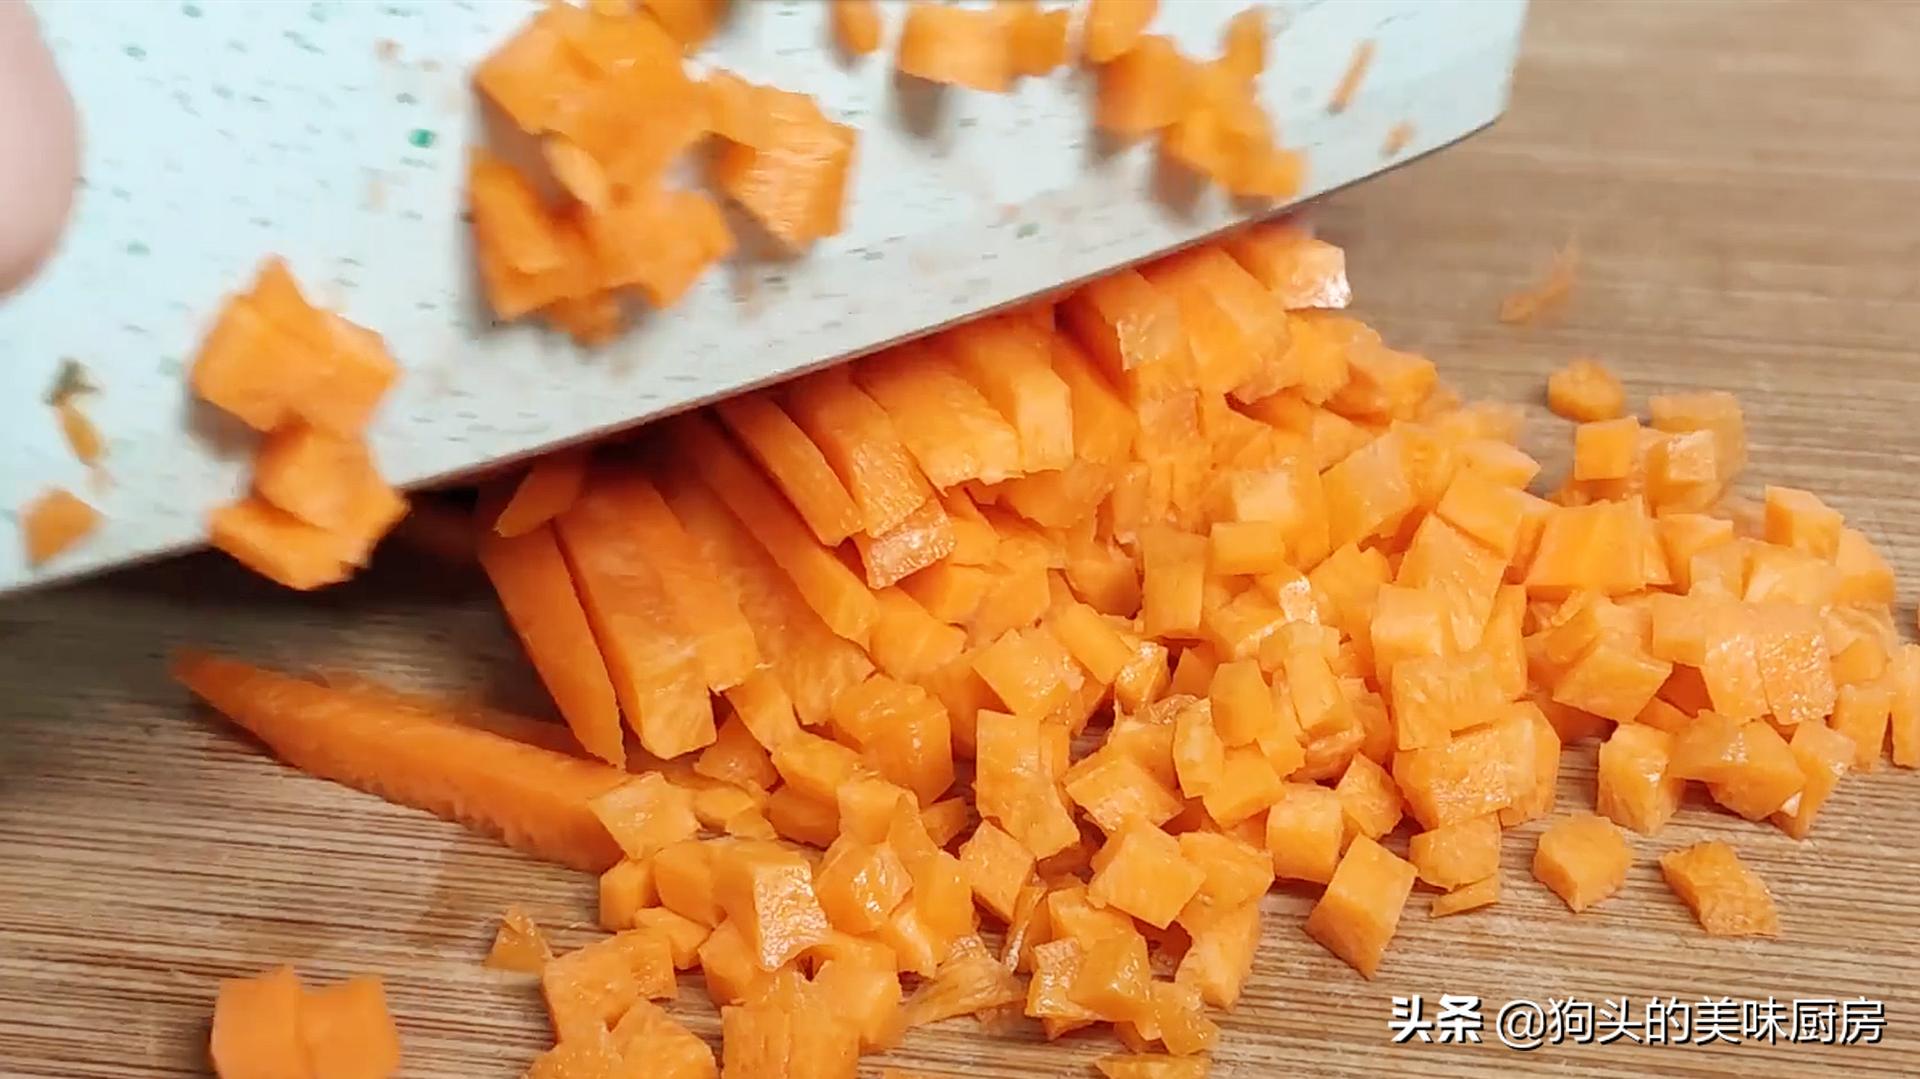 豌豆不要炒着吃了,加两个鸡蛋,比吃肉还香,上桌就抢光 美食做法 第7张